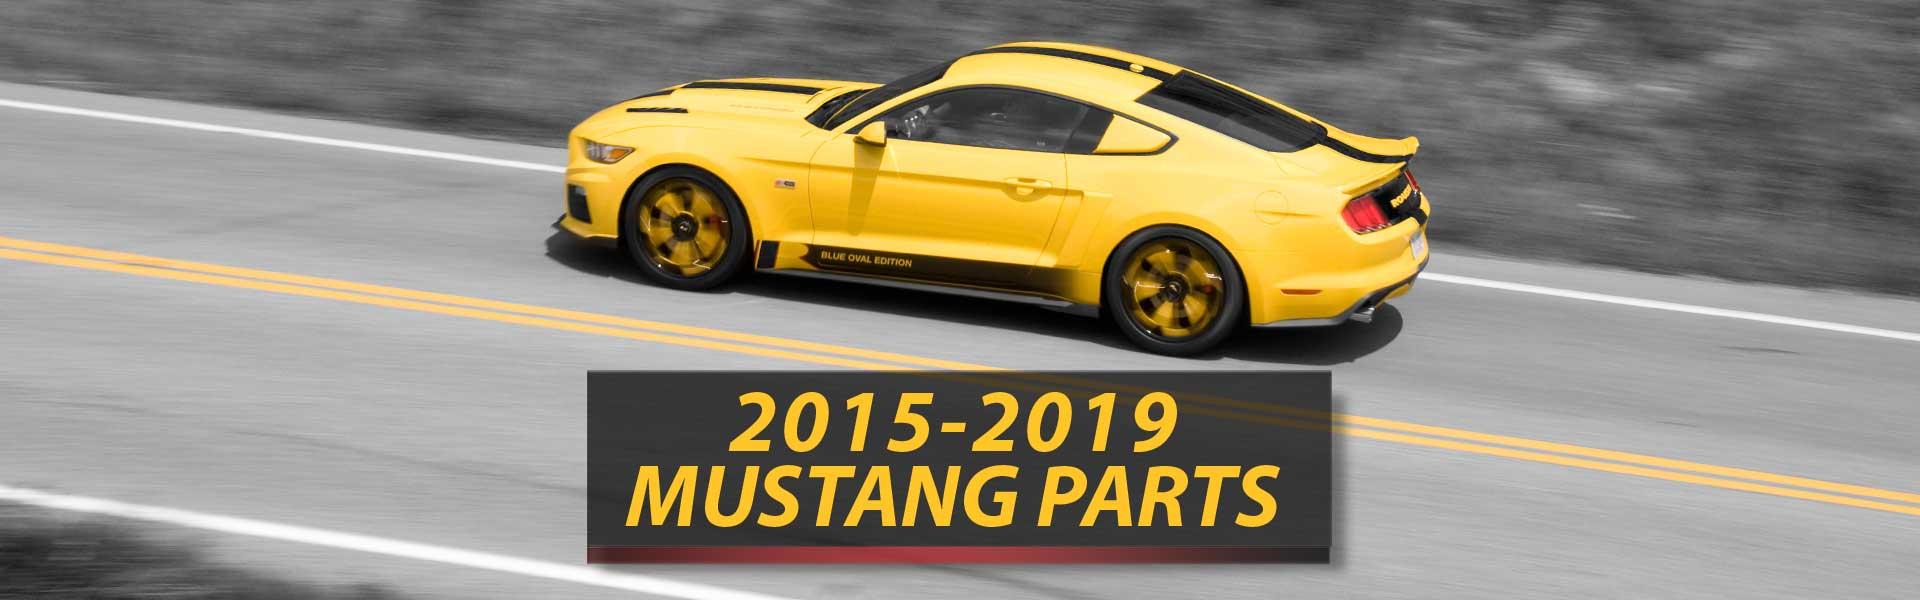 2015-2019 Mustang Parts